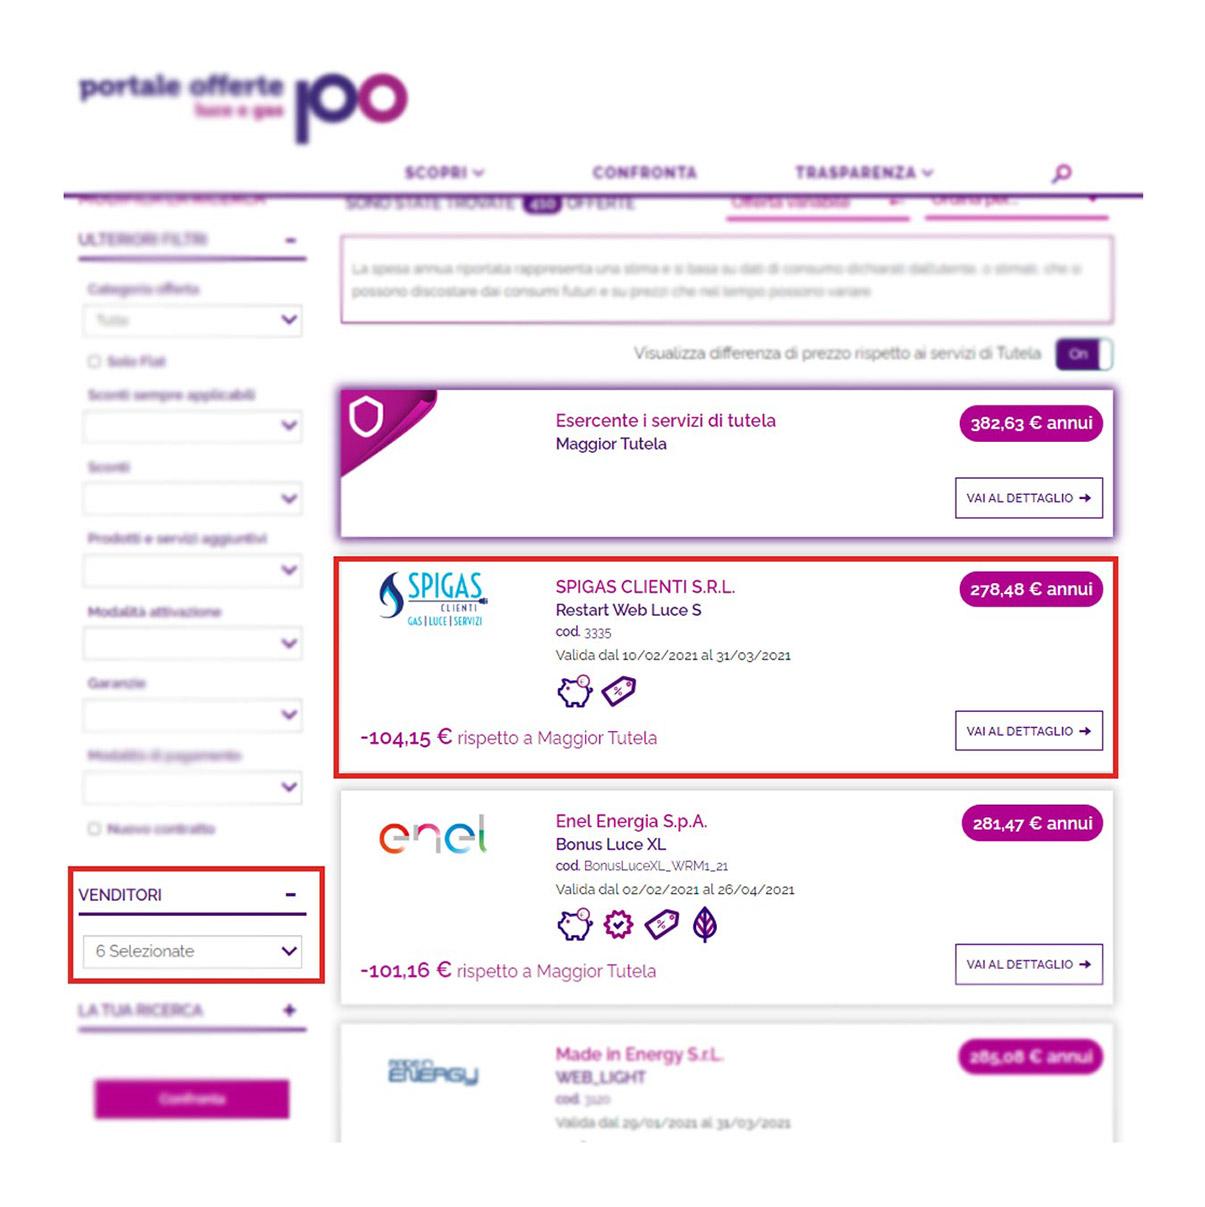 dettaglio venditori schermata finale portale offerte